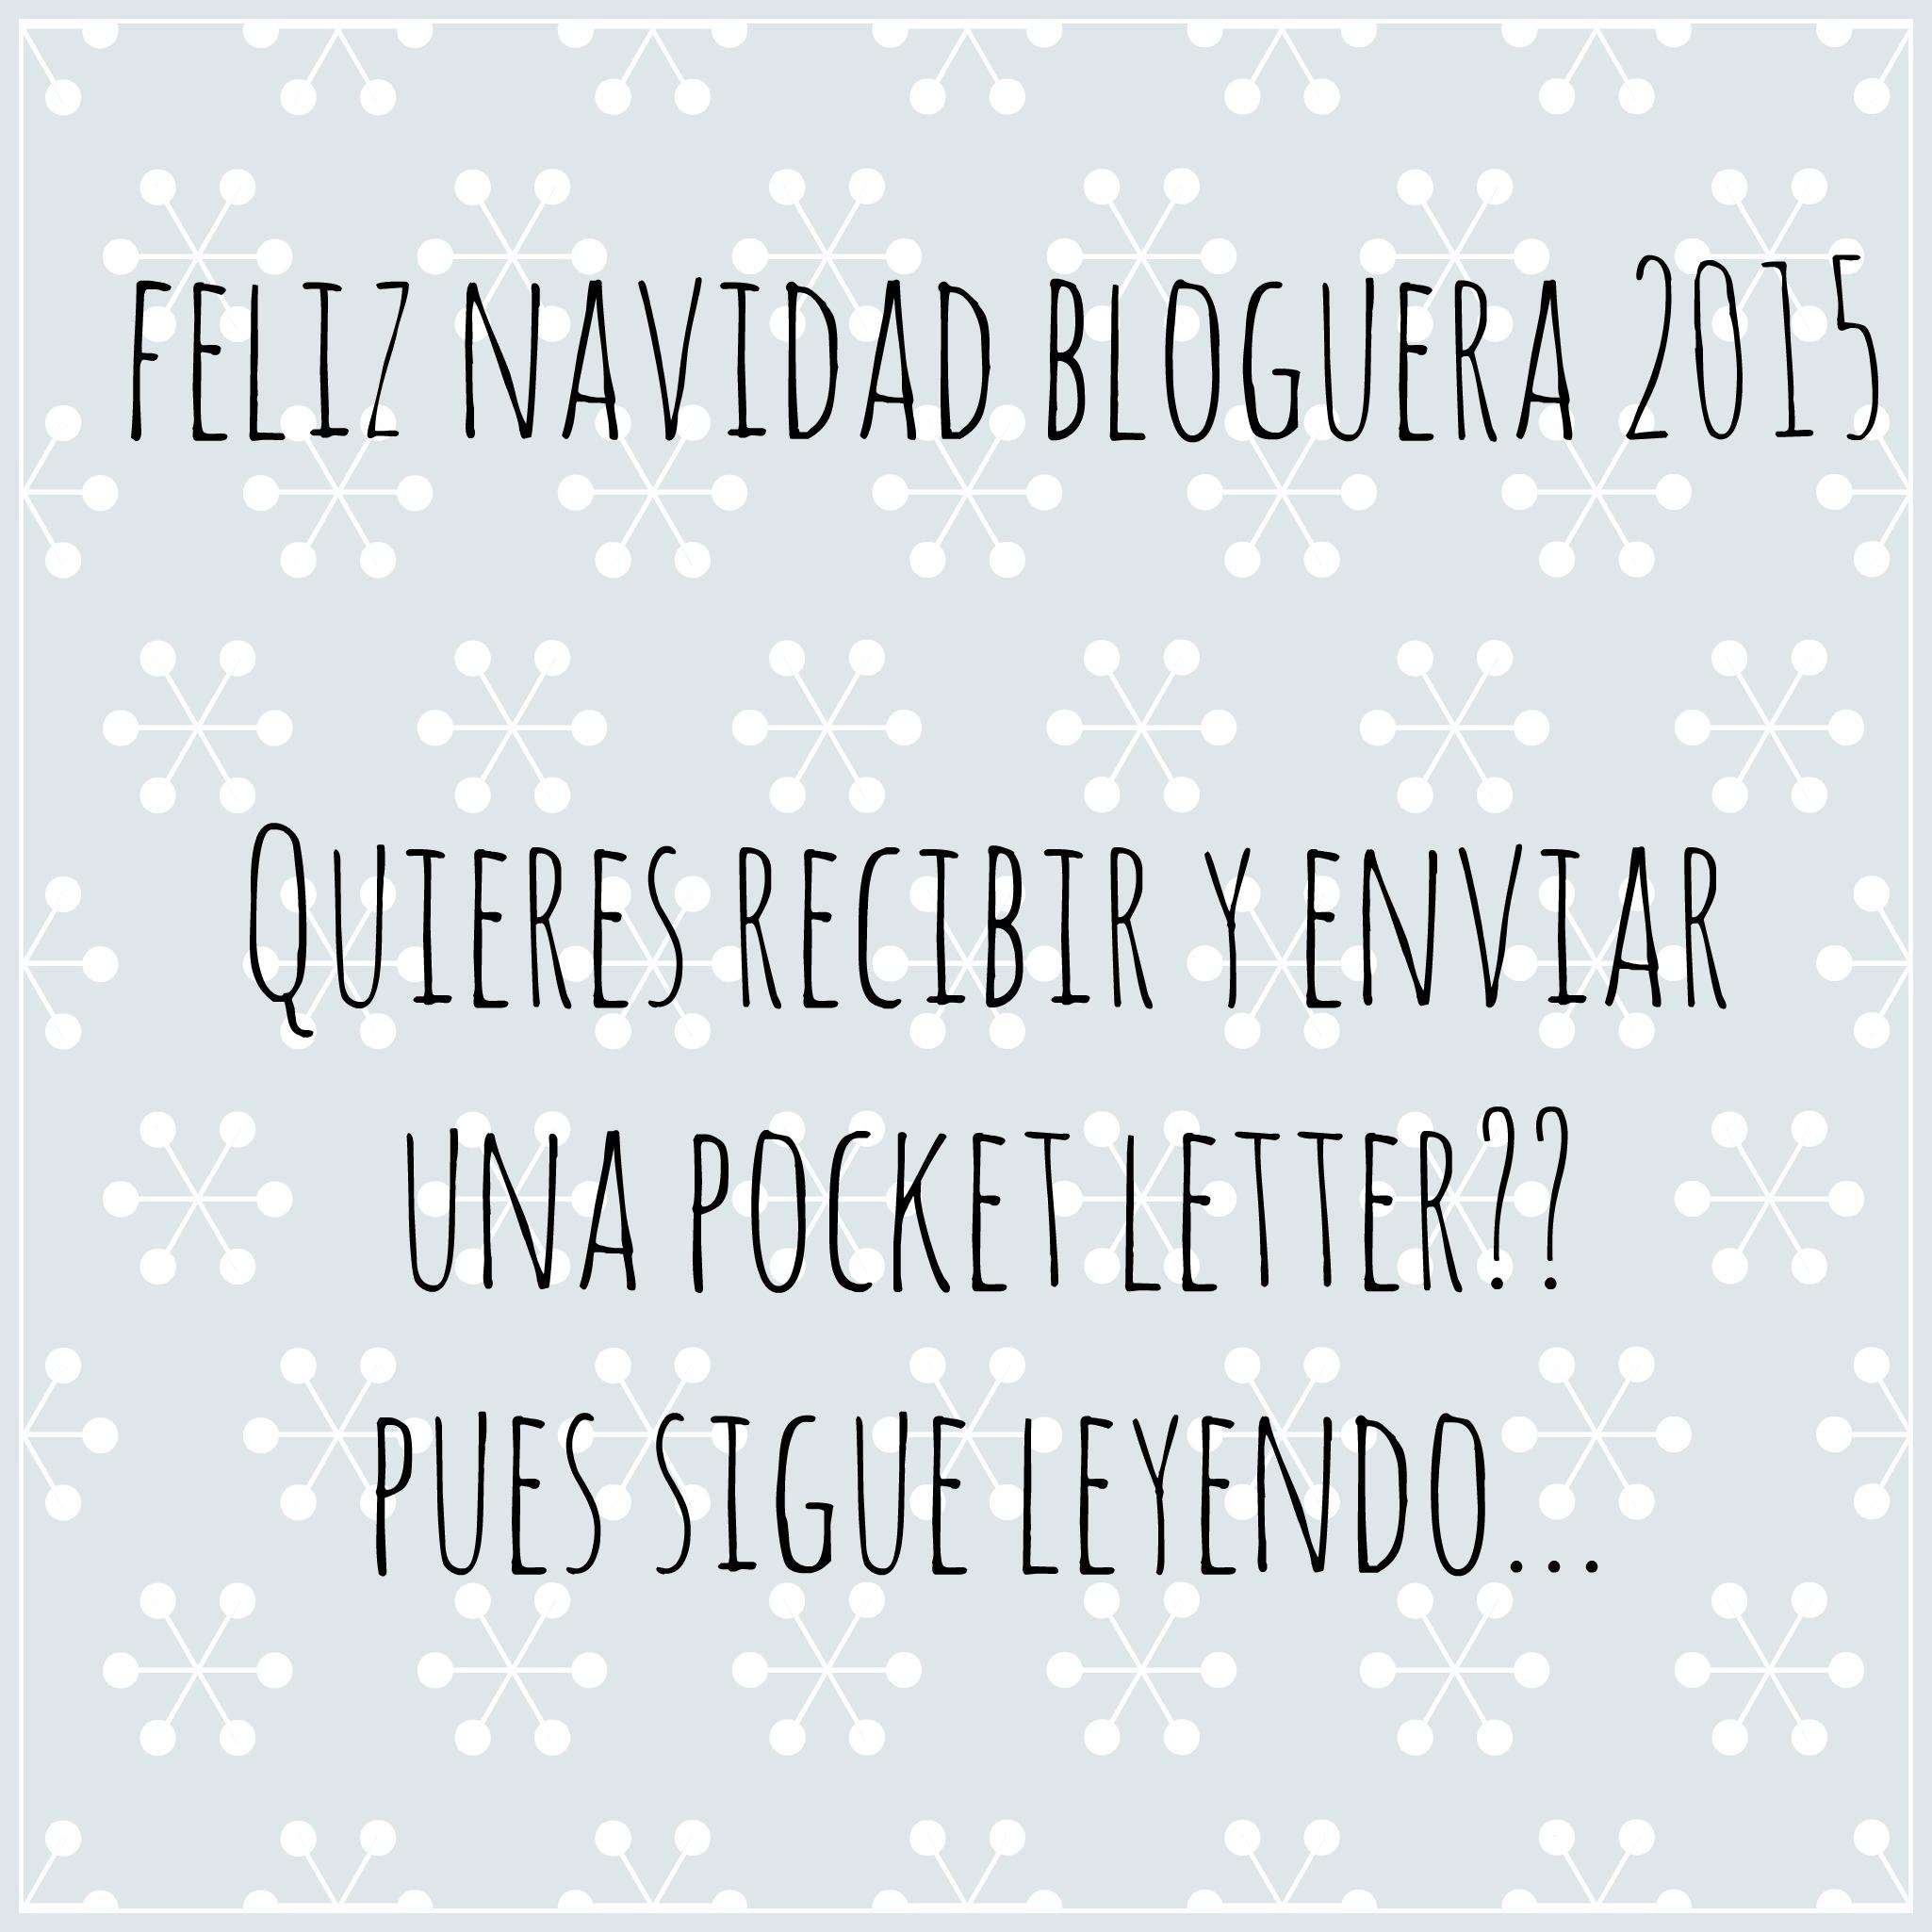 feliz navidad bloguera